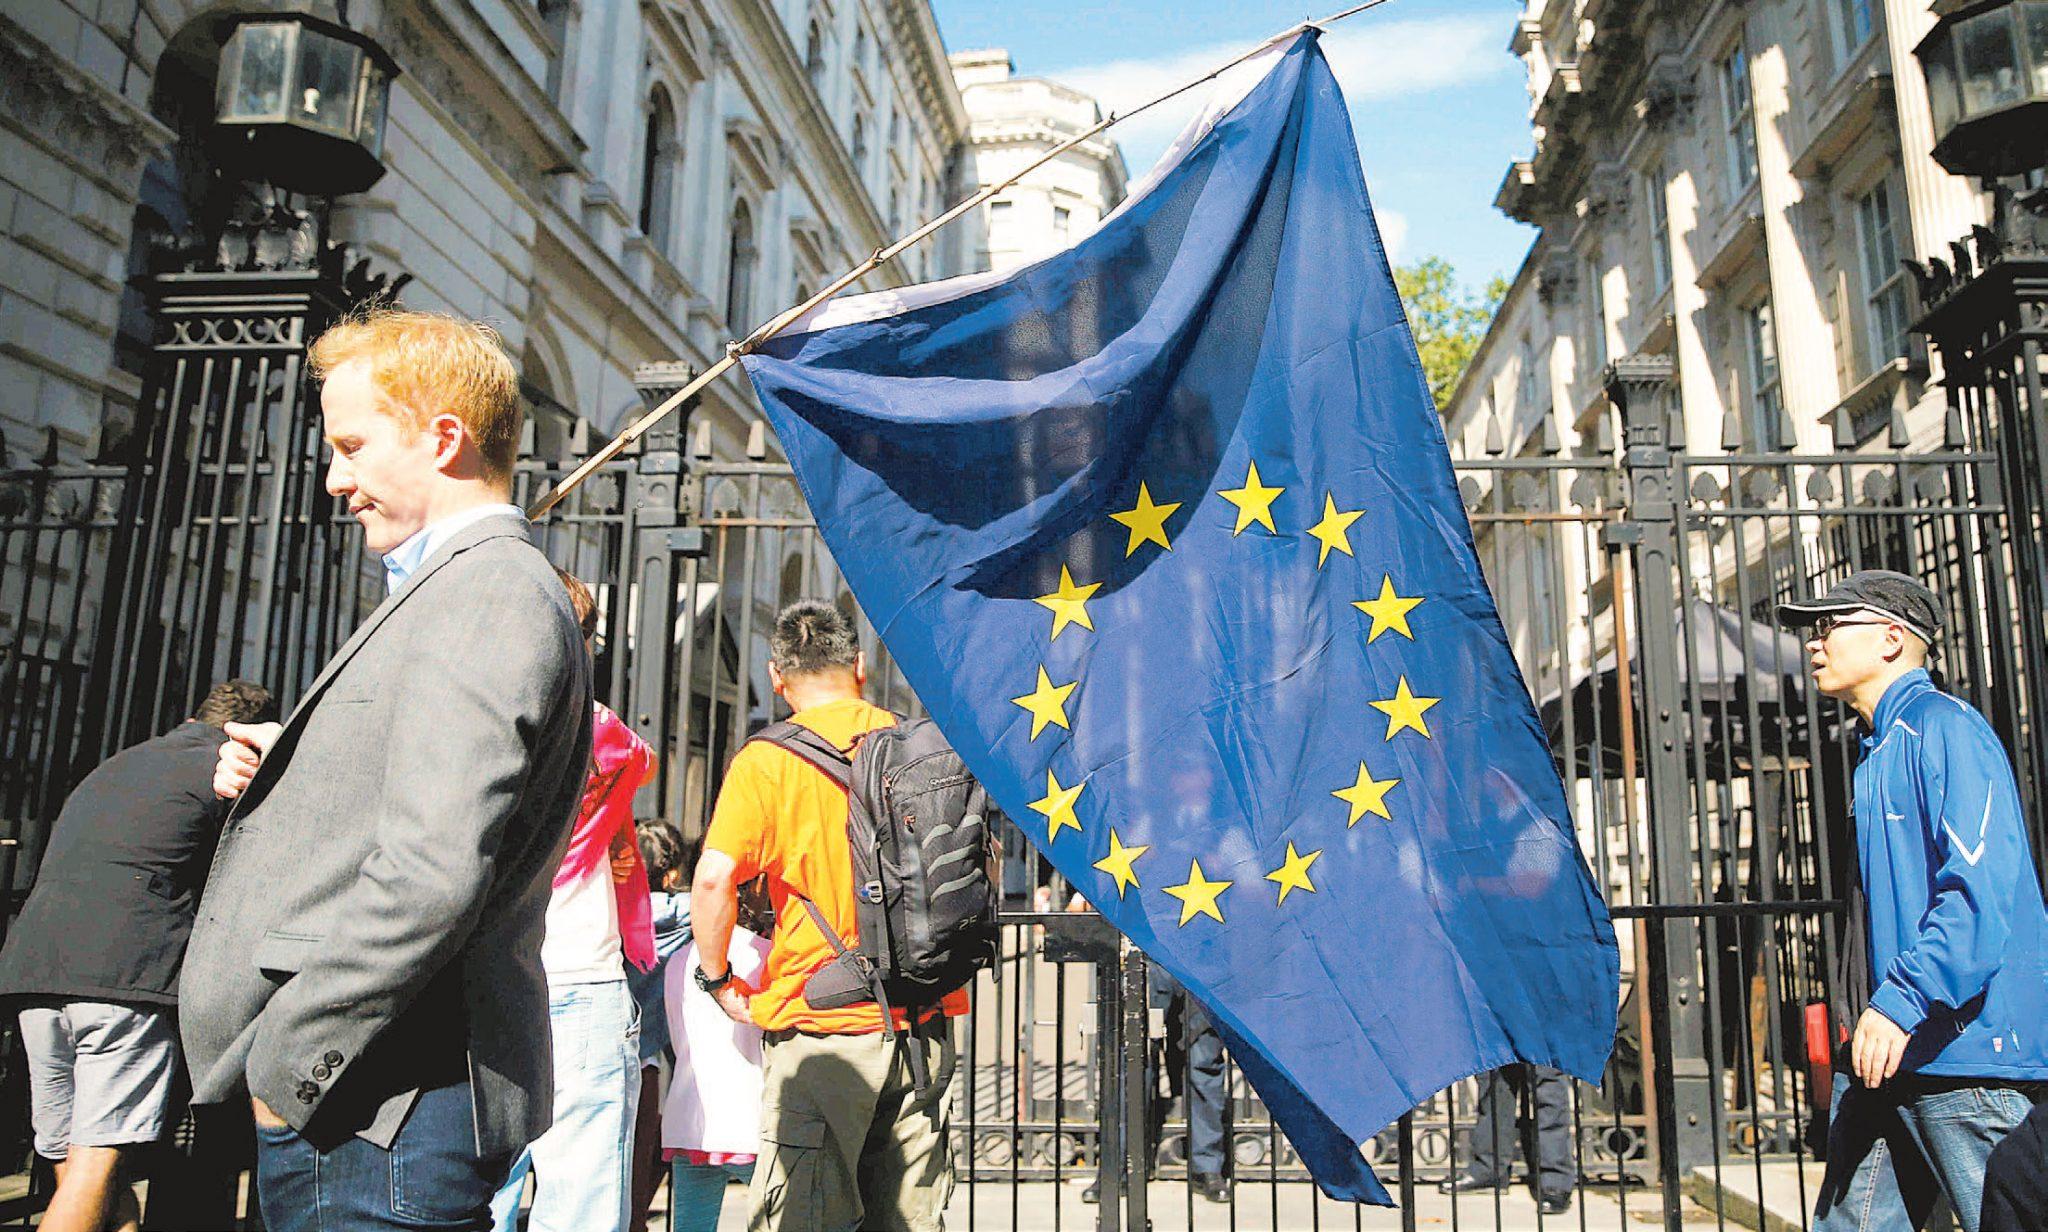 İngiltere'nin Avrupa Birliği'nden ayrılması